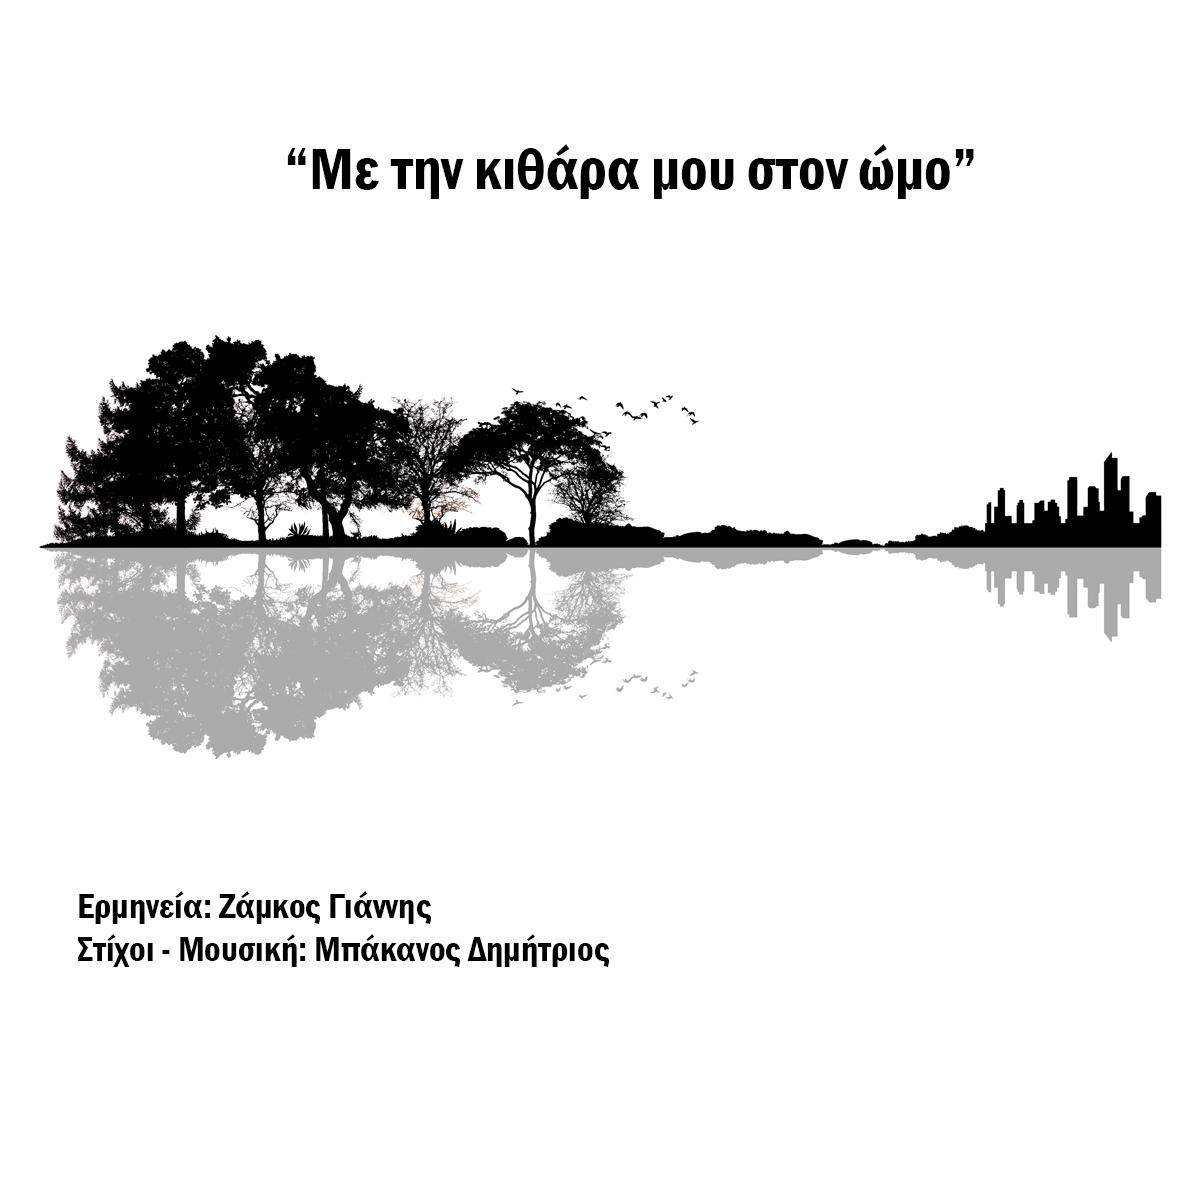 «Με την κιθάρα μου στο ώμο», «Δε βρήκα λέξη πιο γλυκιά (μαμά)» σε μουσική και στίχους του Σερβιώτη Δημήτρη Μπάκανου